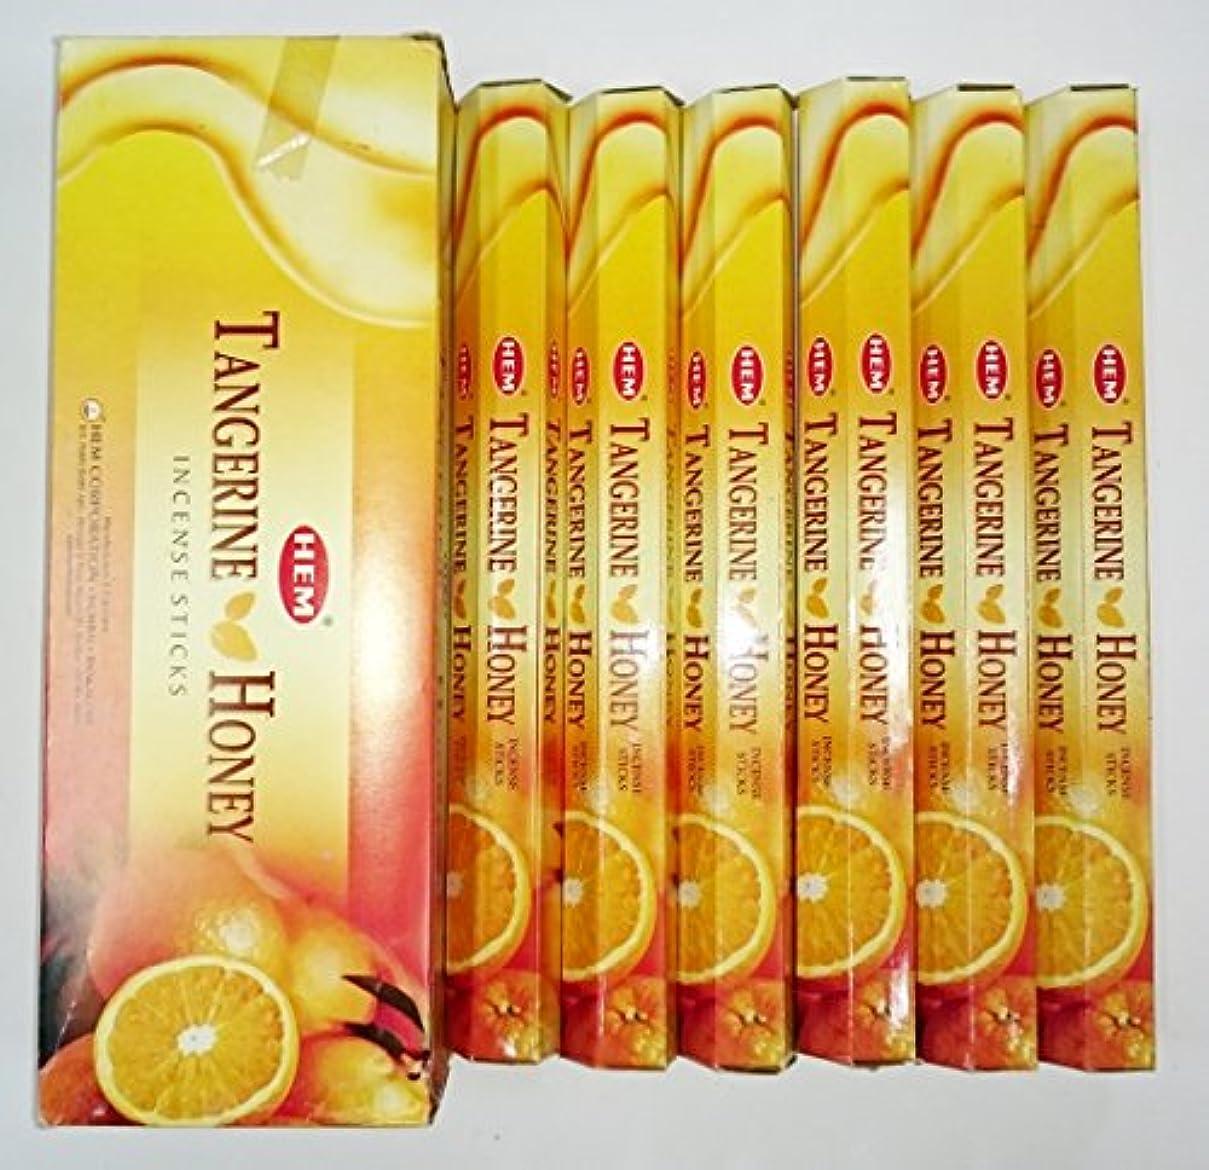 不愉快マウンド休憩HEM (ヘム) インセンス スティック へキサパック タンジェリンハニー 6角(20本入)×6箱 [並行輸入品]Tangerine Honey